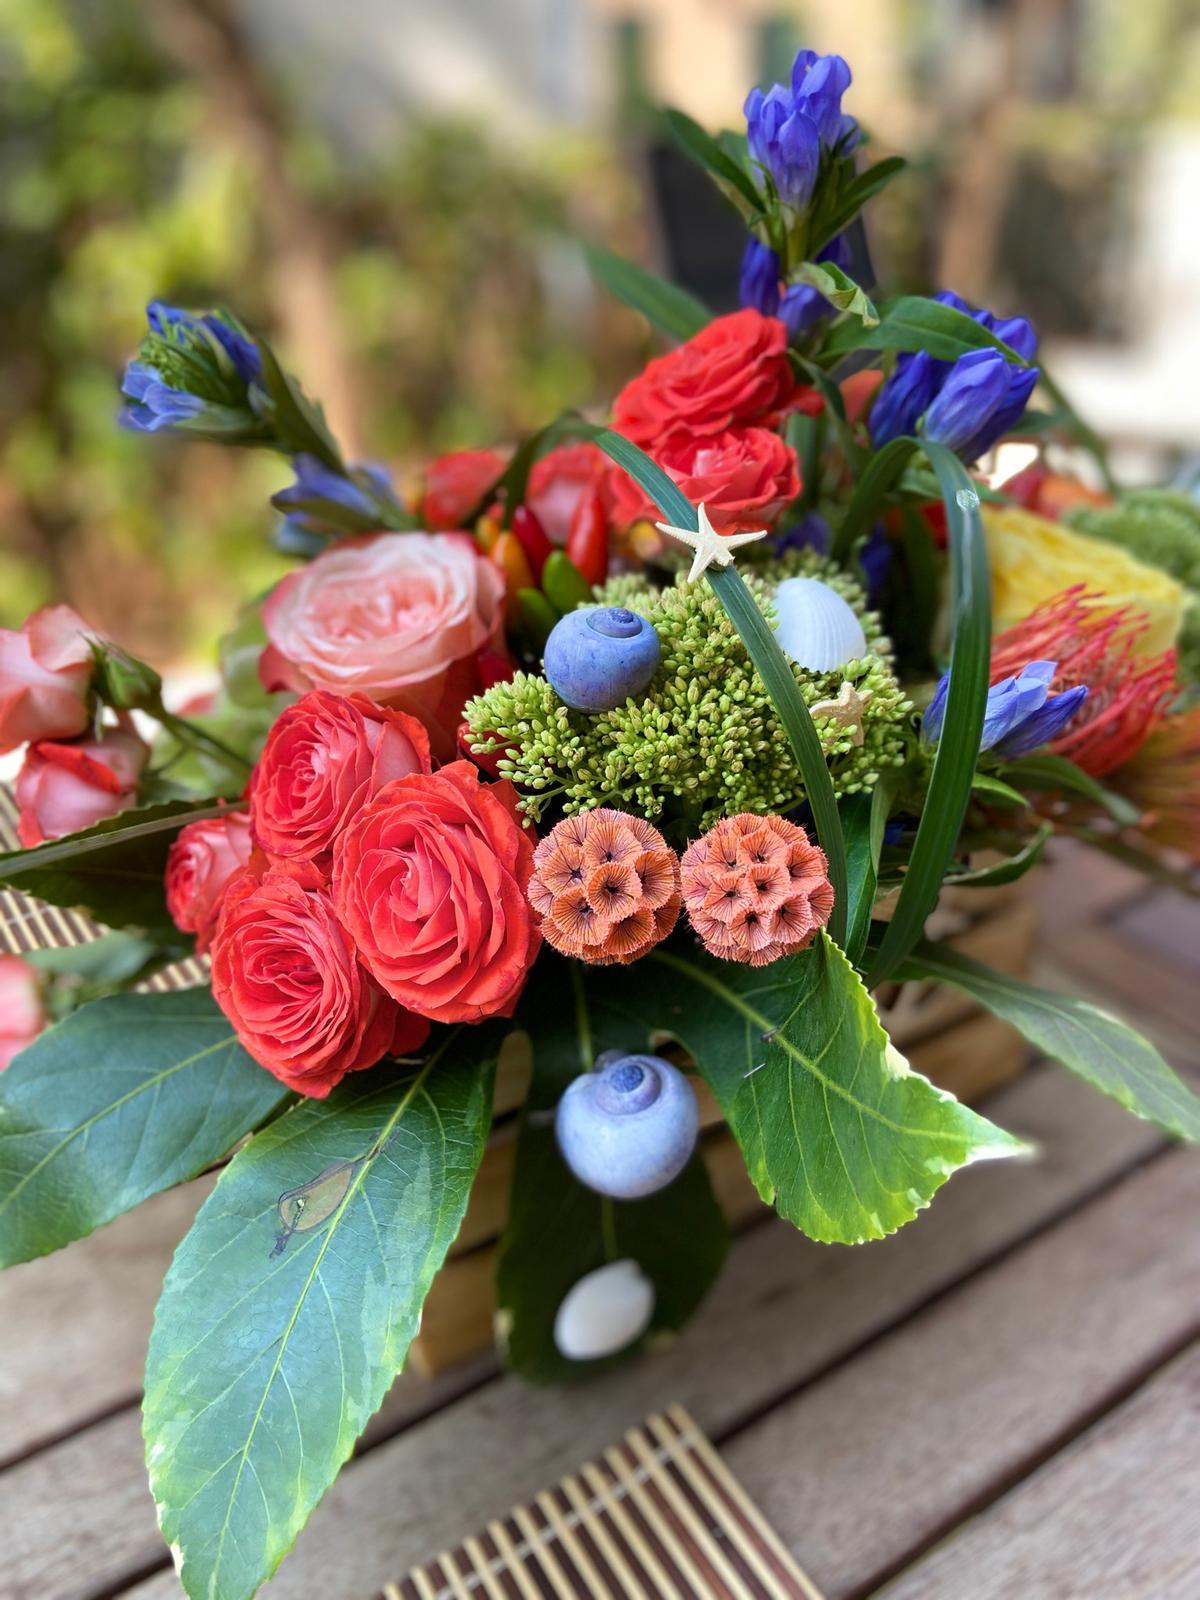 Piante e fiori a Fermo